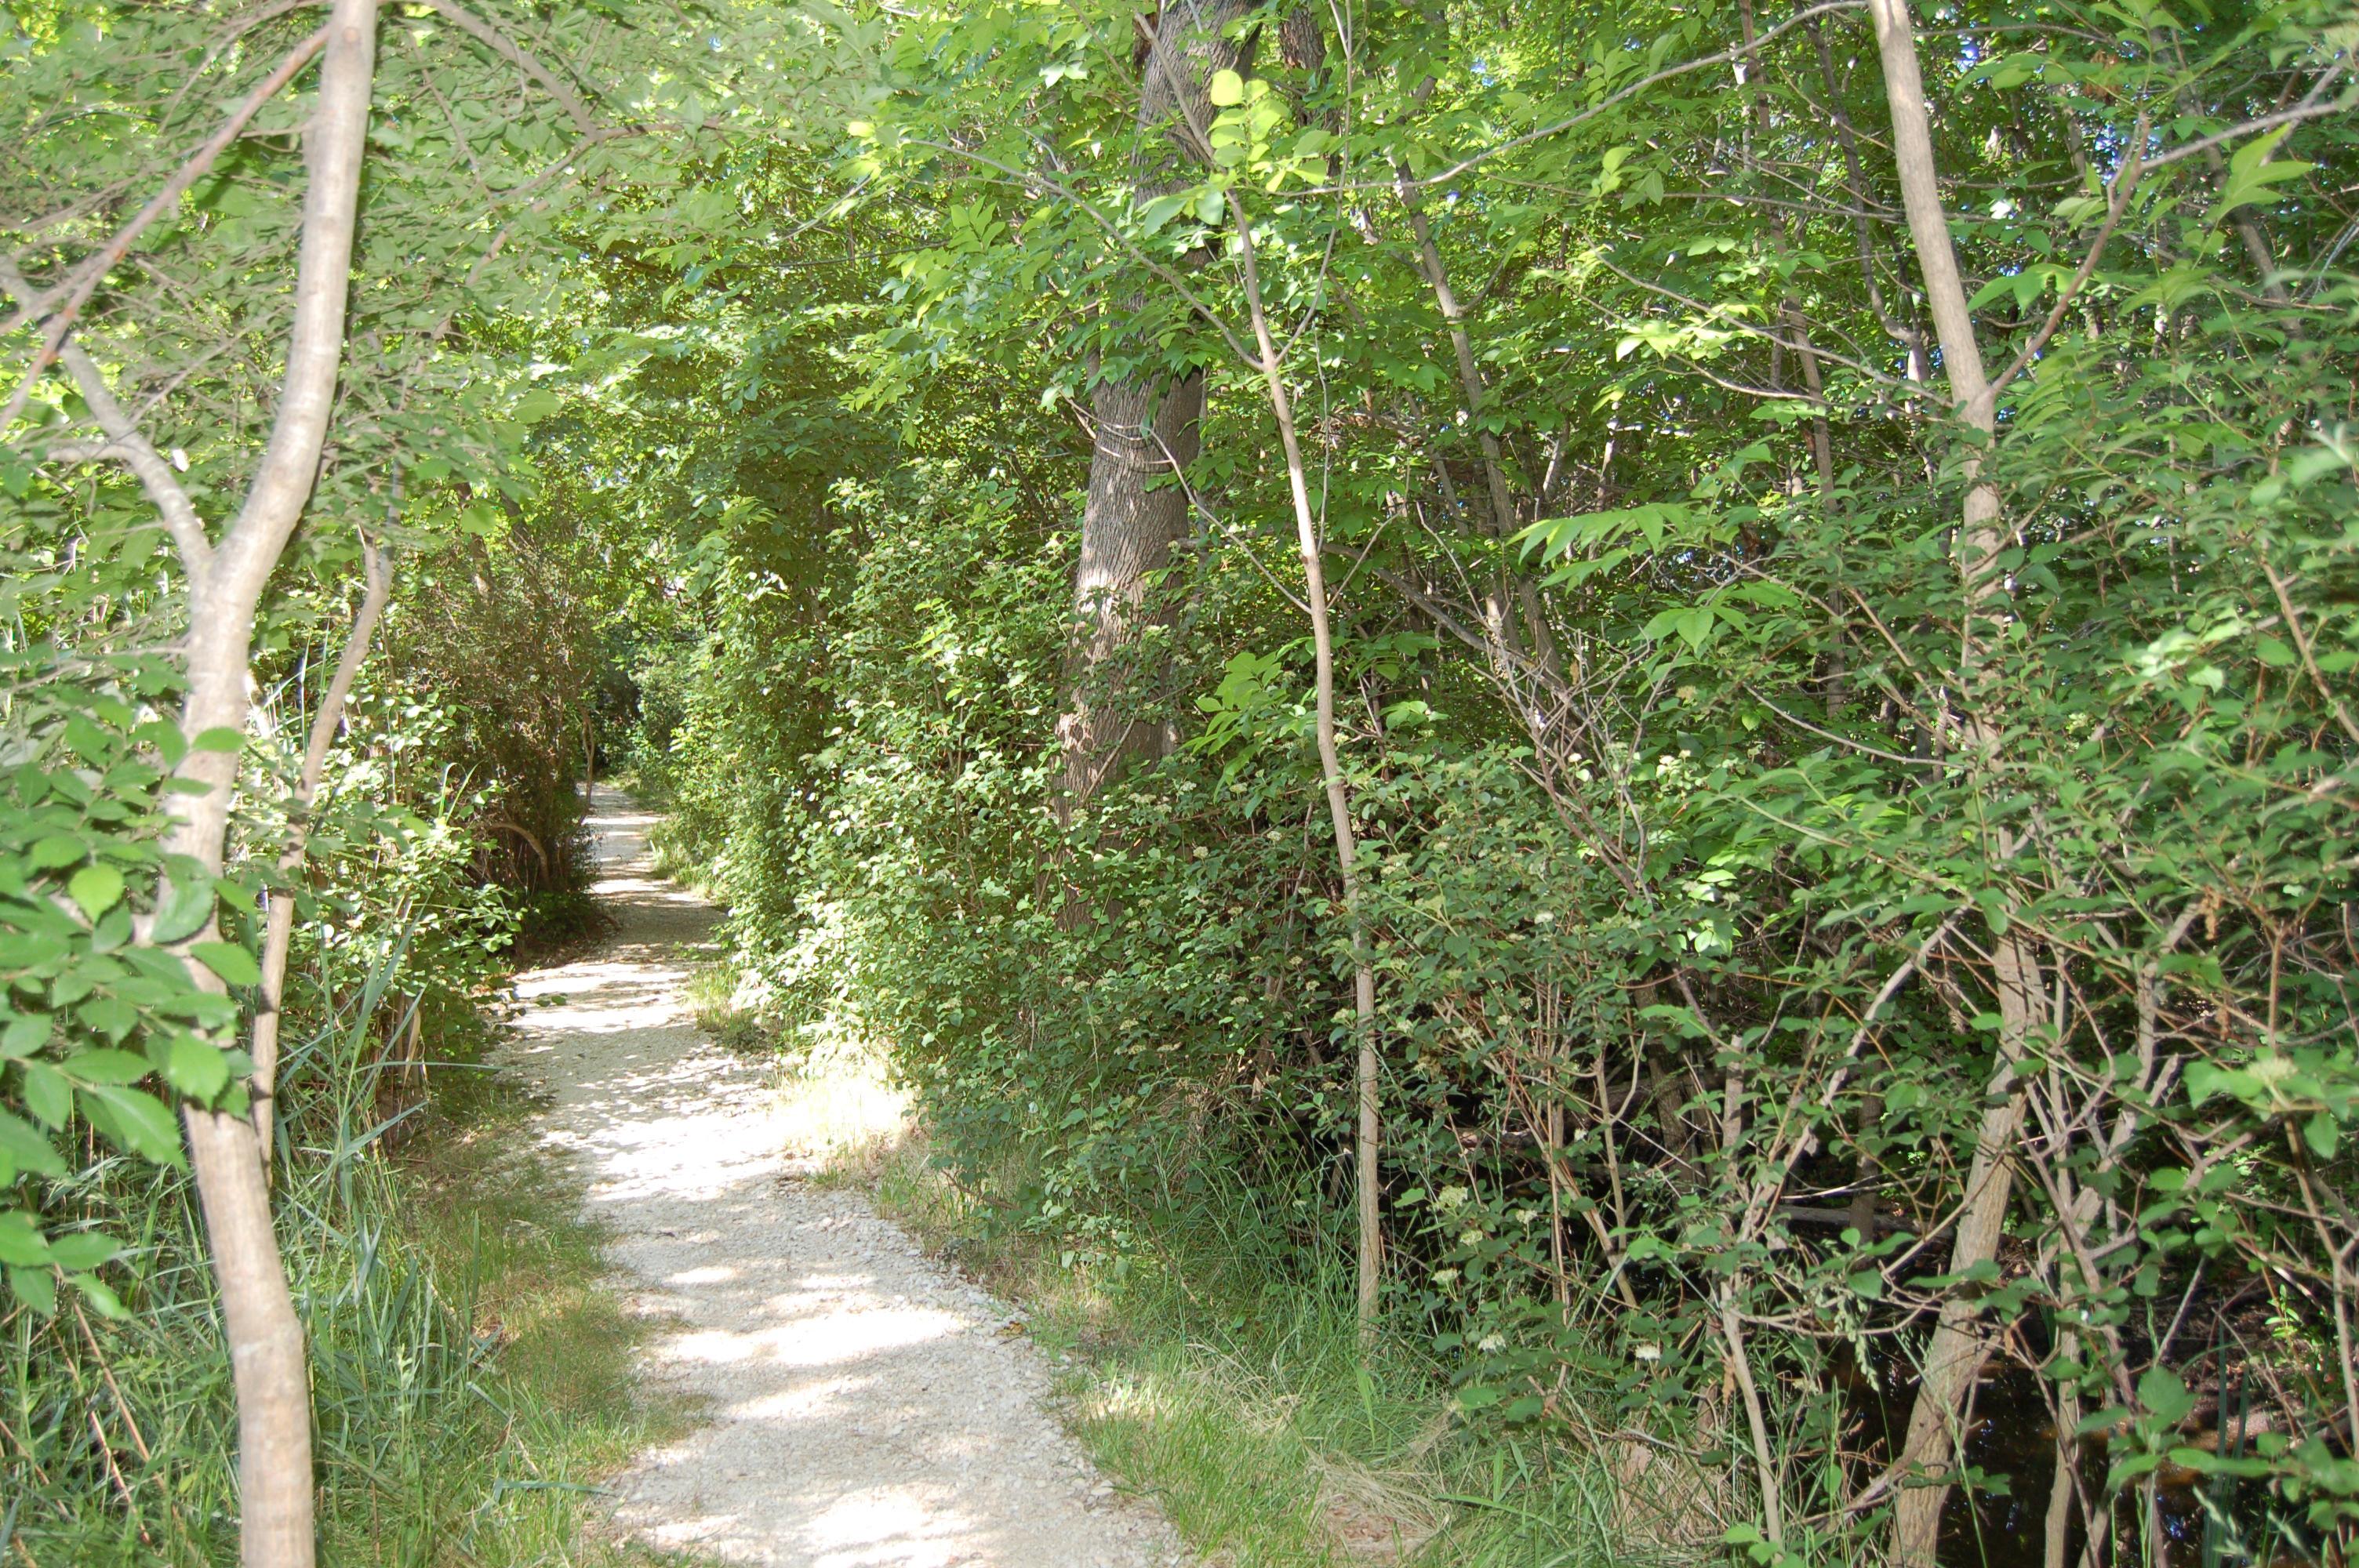 Découvrez La Capelière, centre d'information de la Réserve Naturelle Nationale de Camargue, et ses chemins de randonnée.